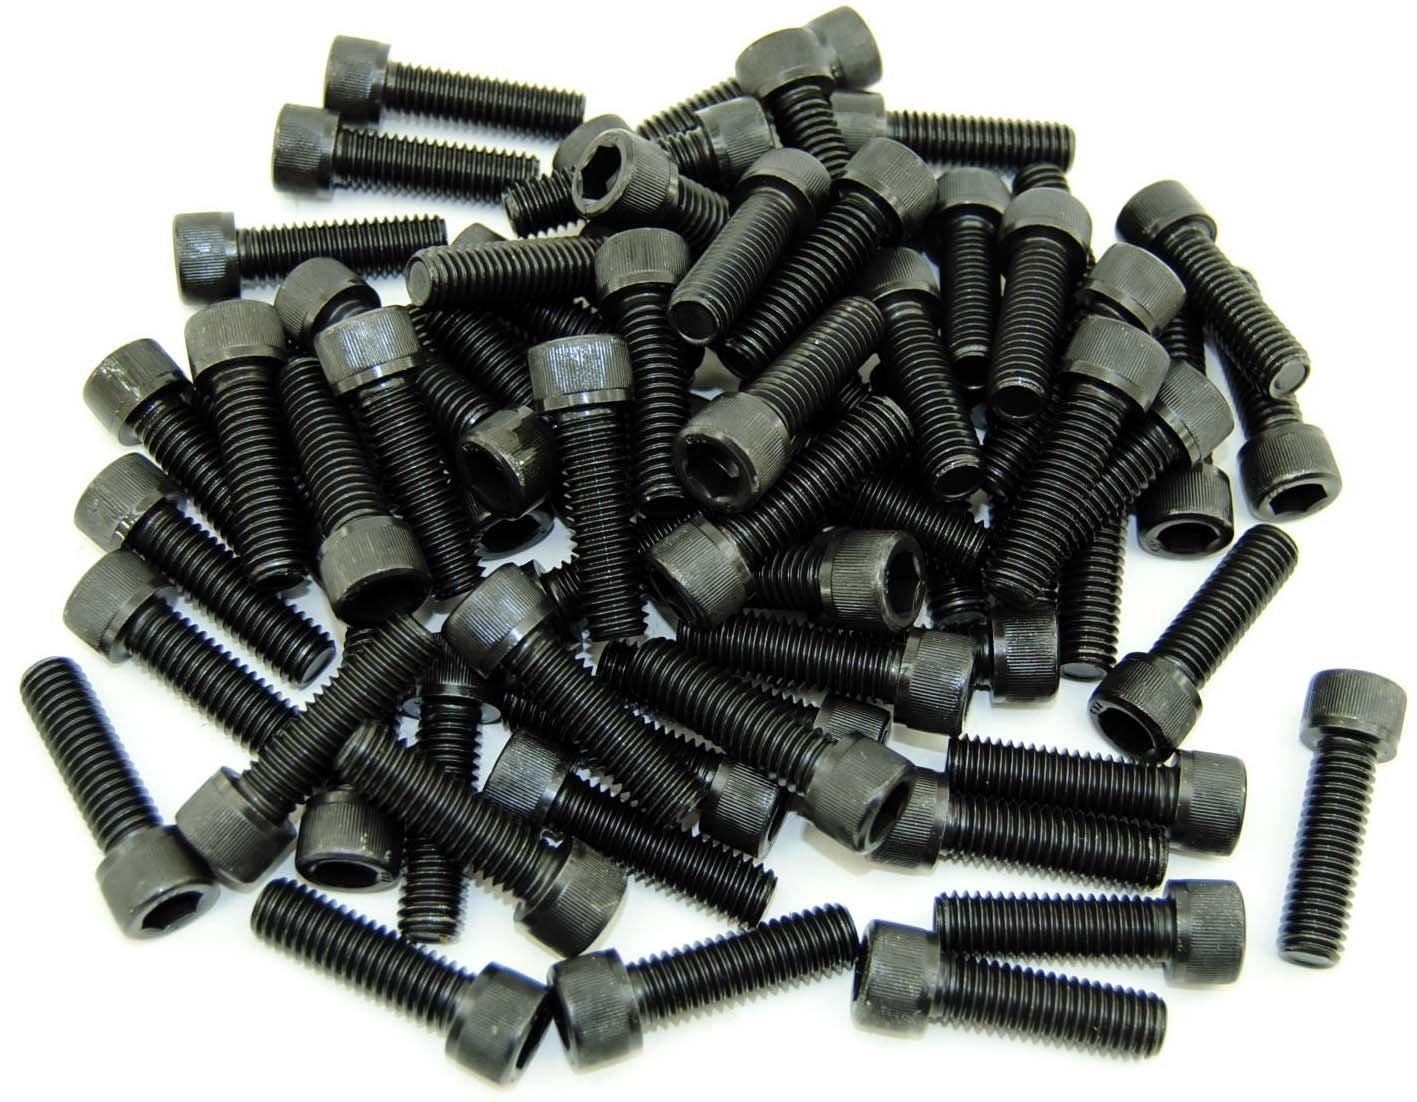 Socket Head 7//16-14 x 1-1//2 Cap Screw SHCS Bolt Black 70